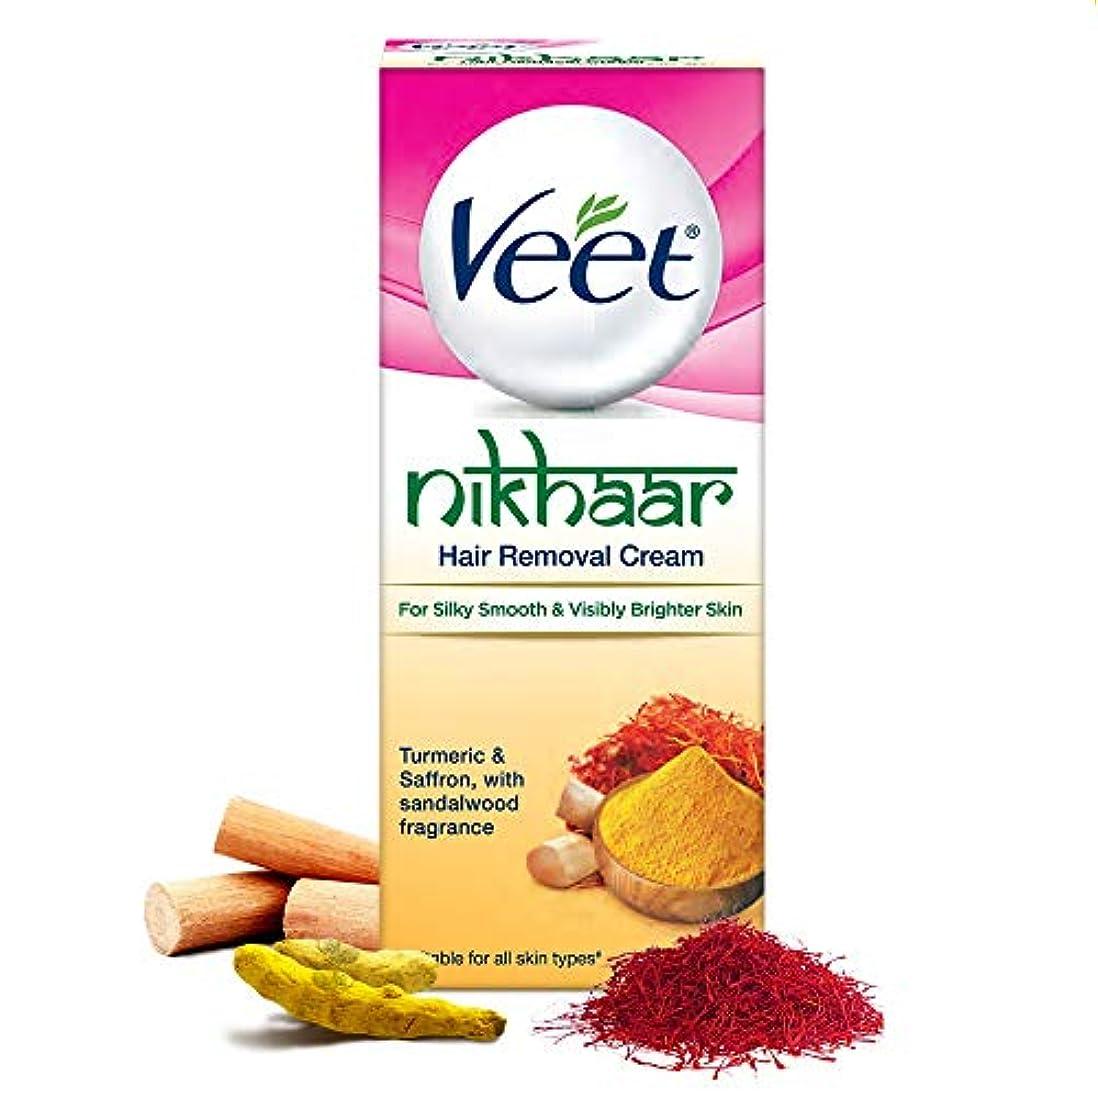 ママ管理者リビングルームVeet Nikhaar Hair Removal Cream for All Skin Types, 50g - India